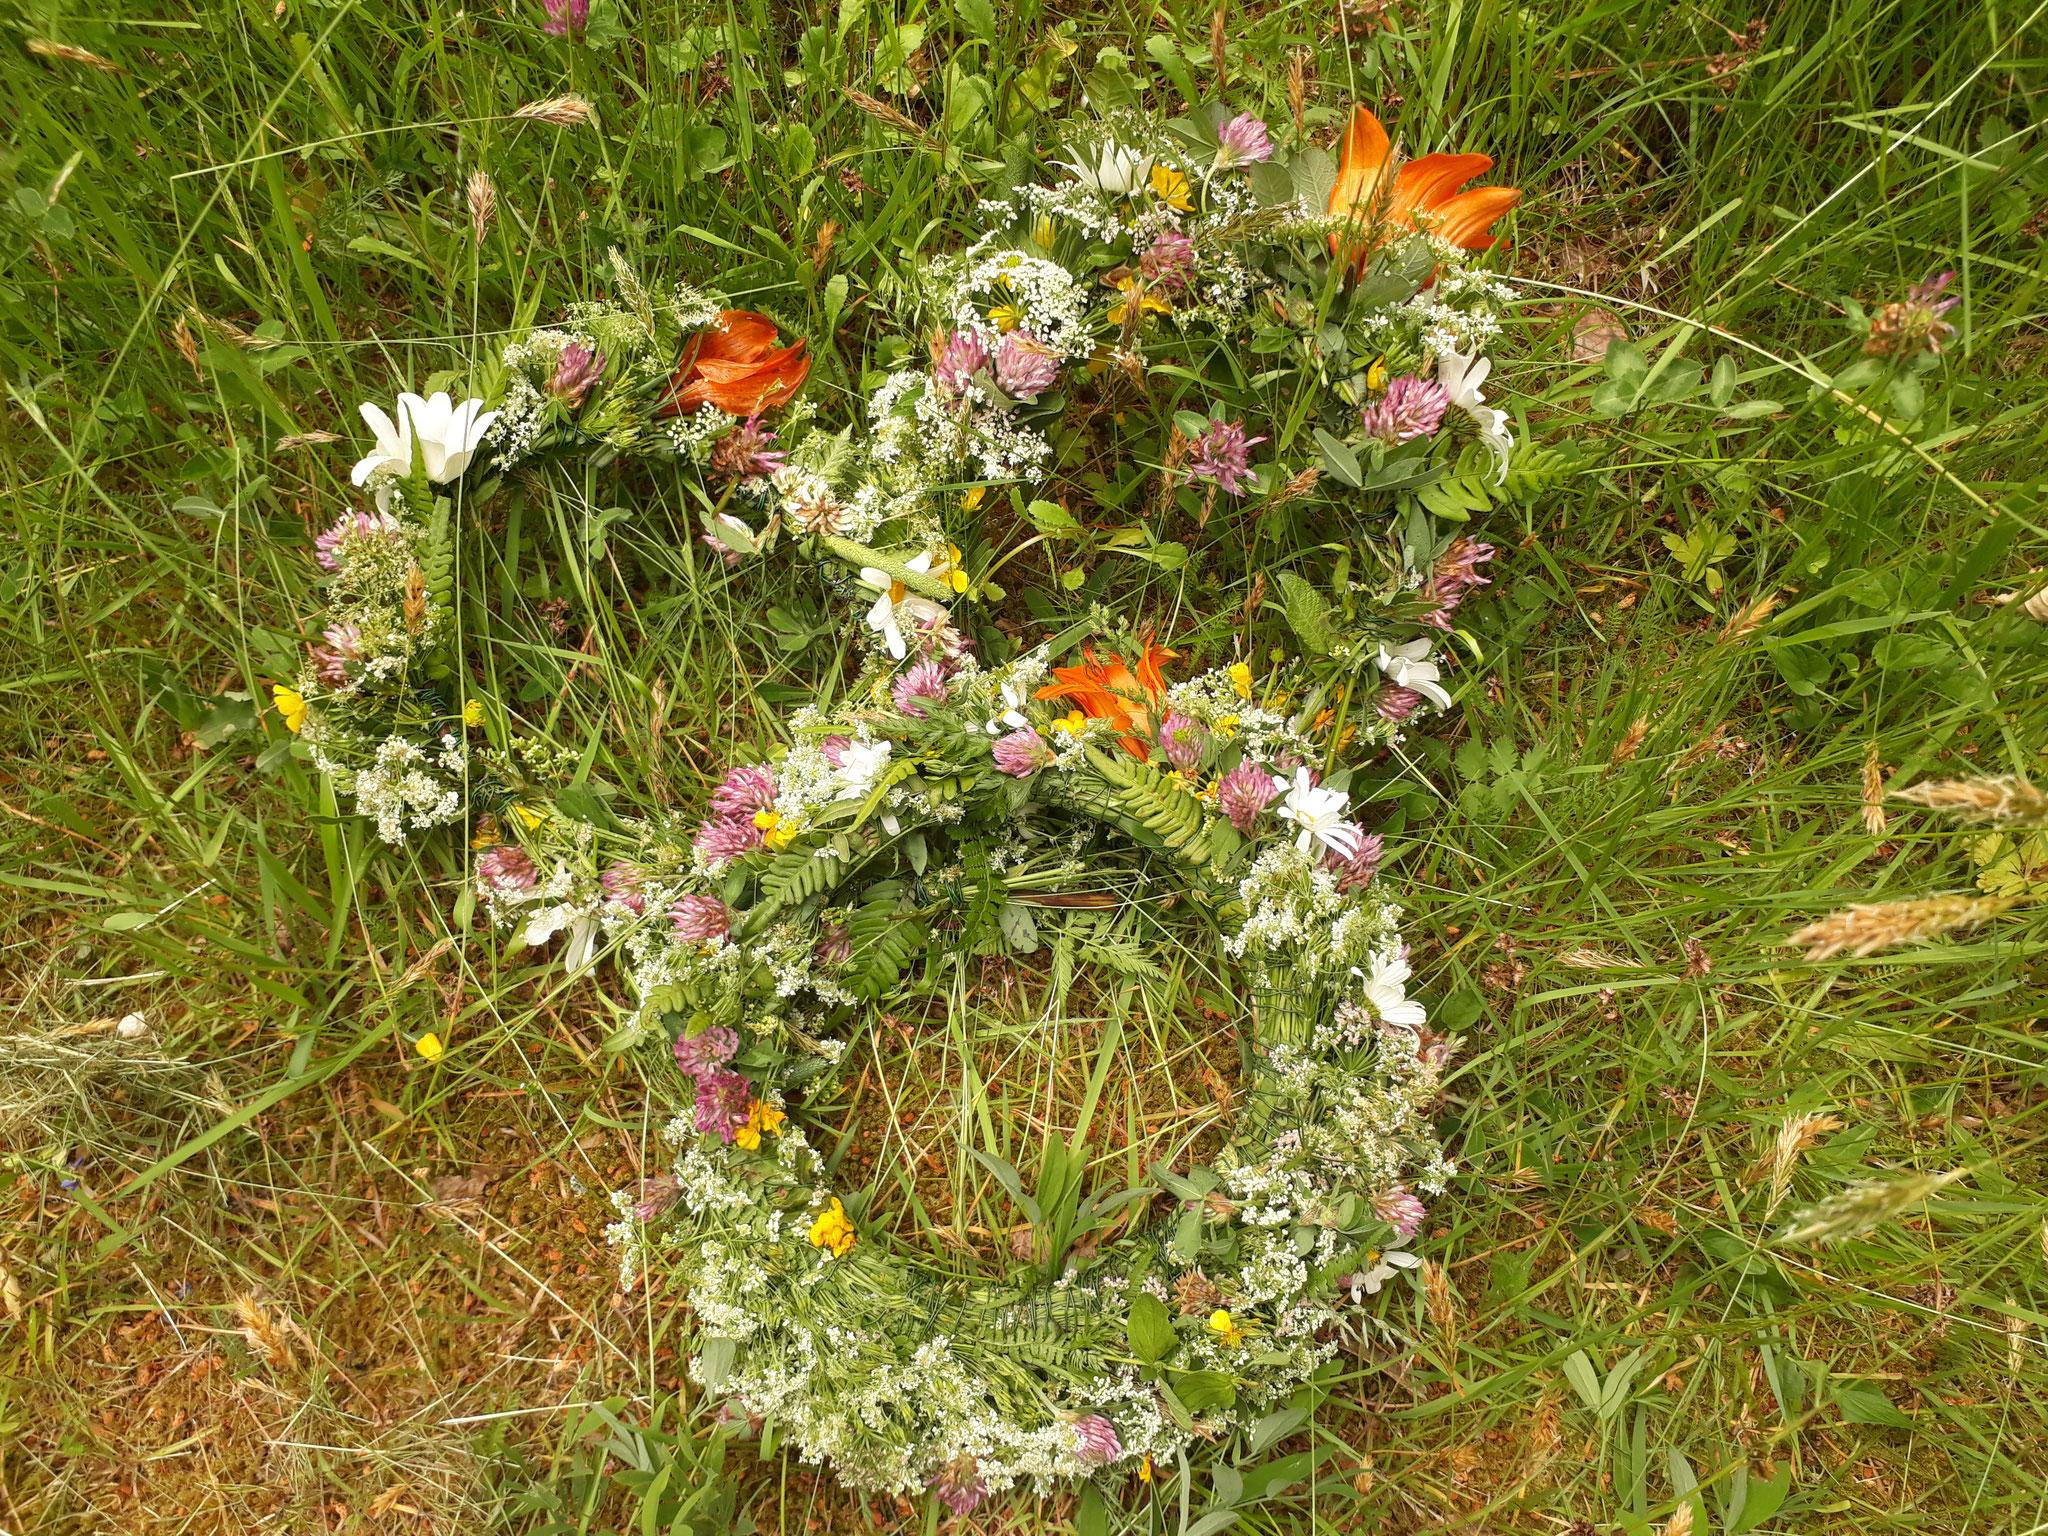 Blumenkränze an Midsommar